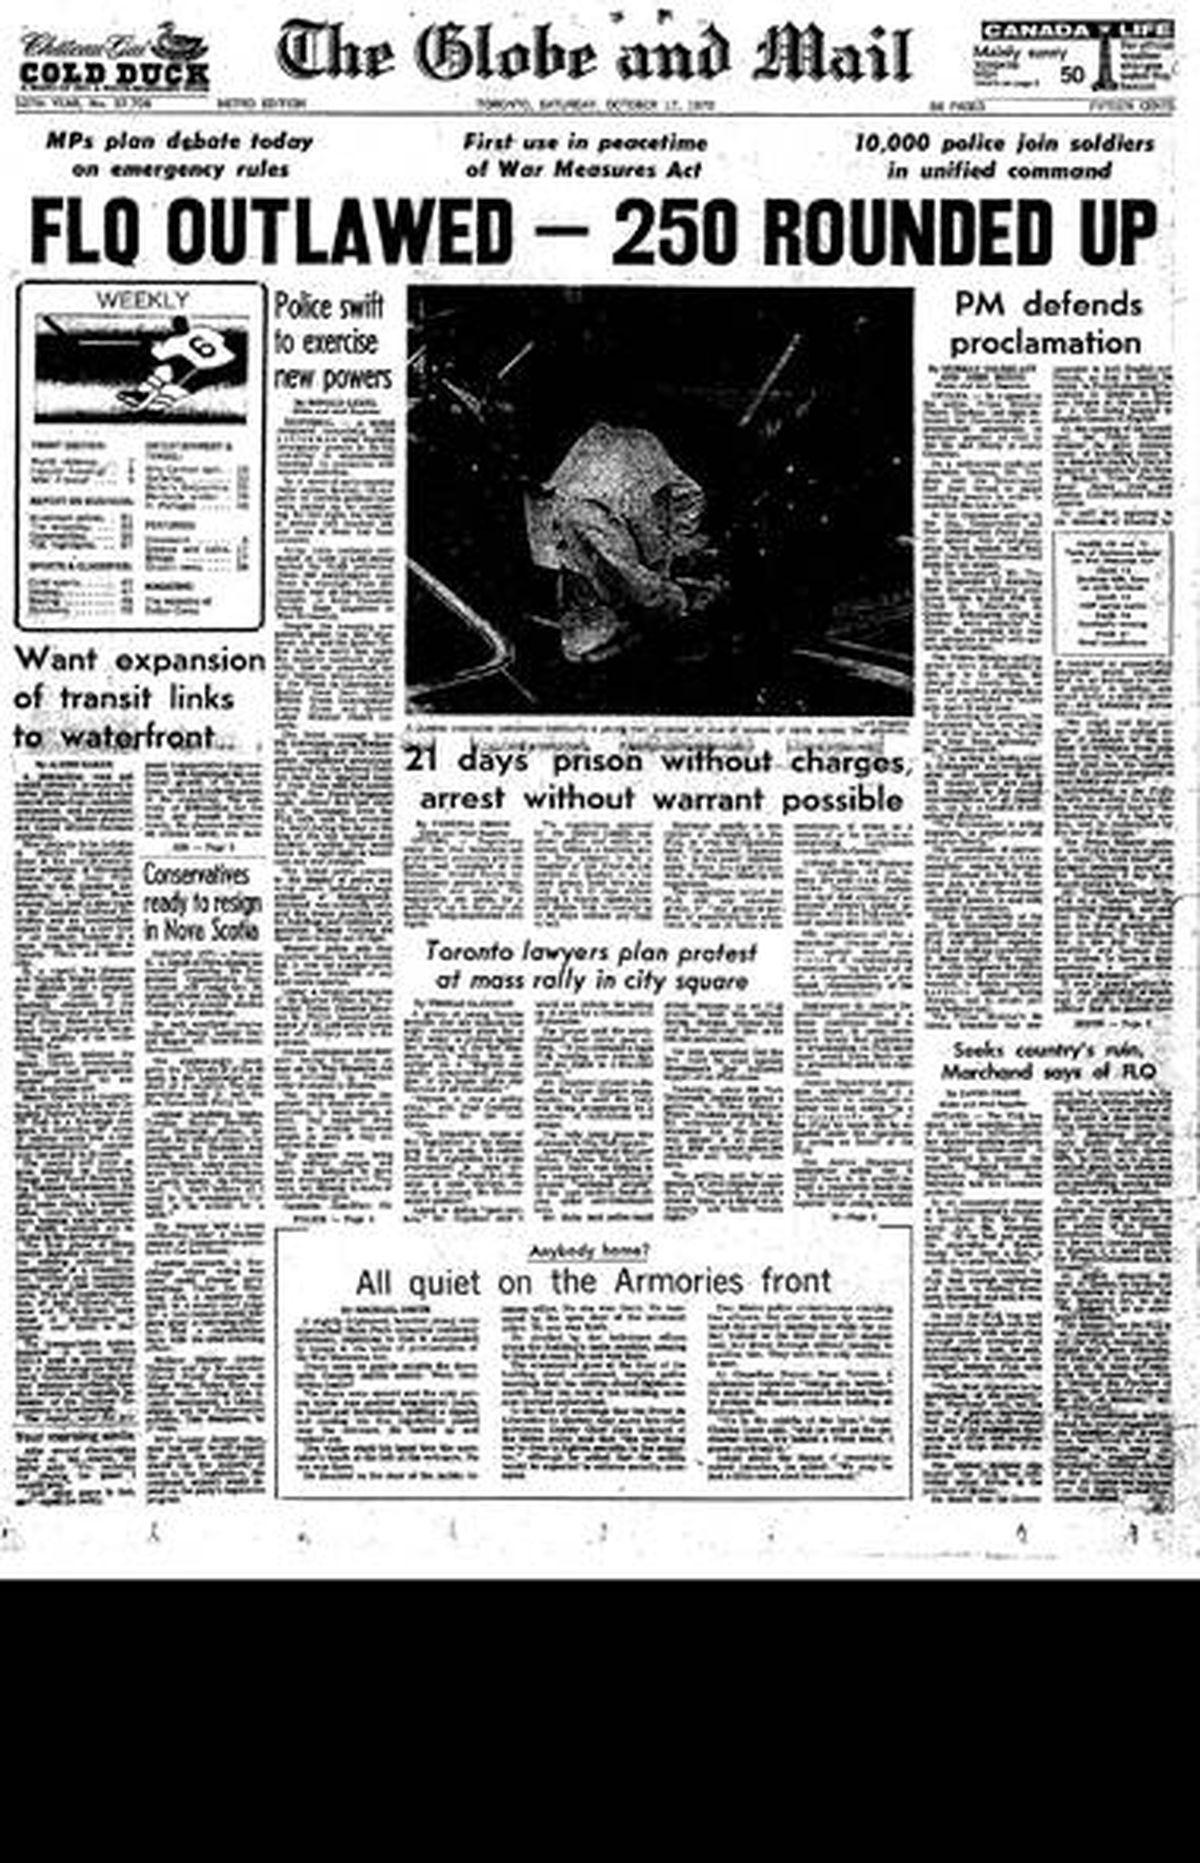 Oct. 17, 1970.